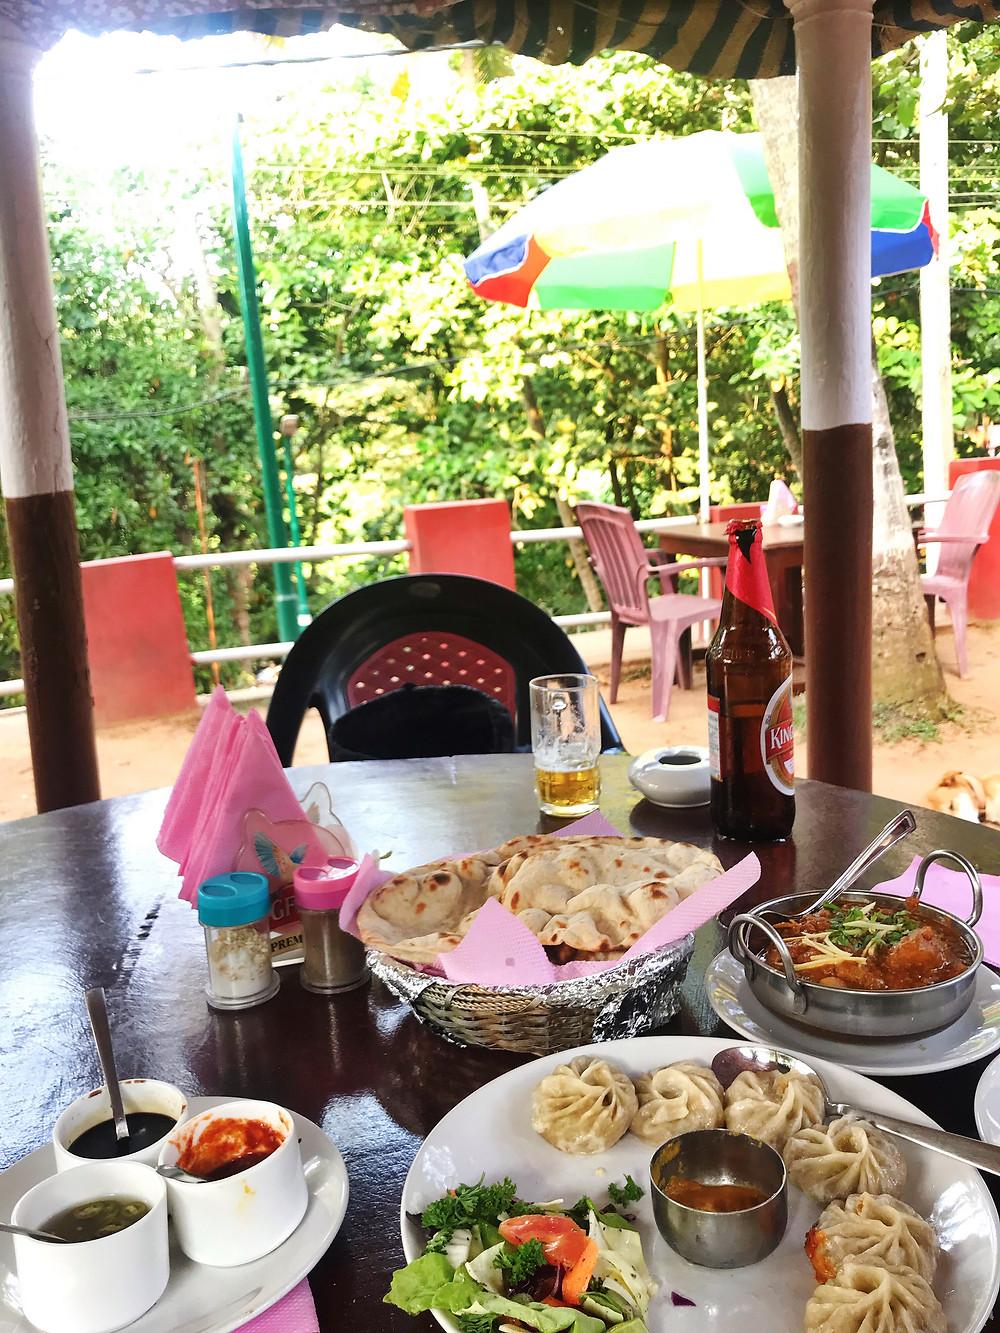 Momos, Kingfisher, and Curry at Mama Chambos, in Varkala